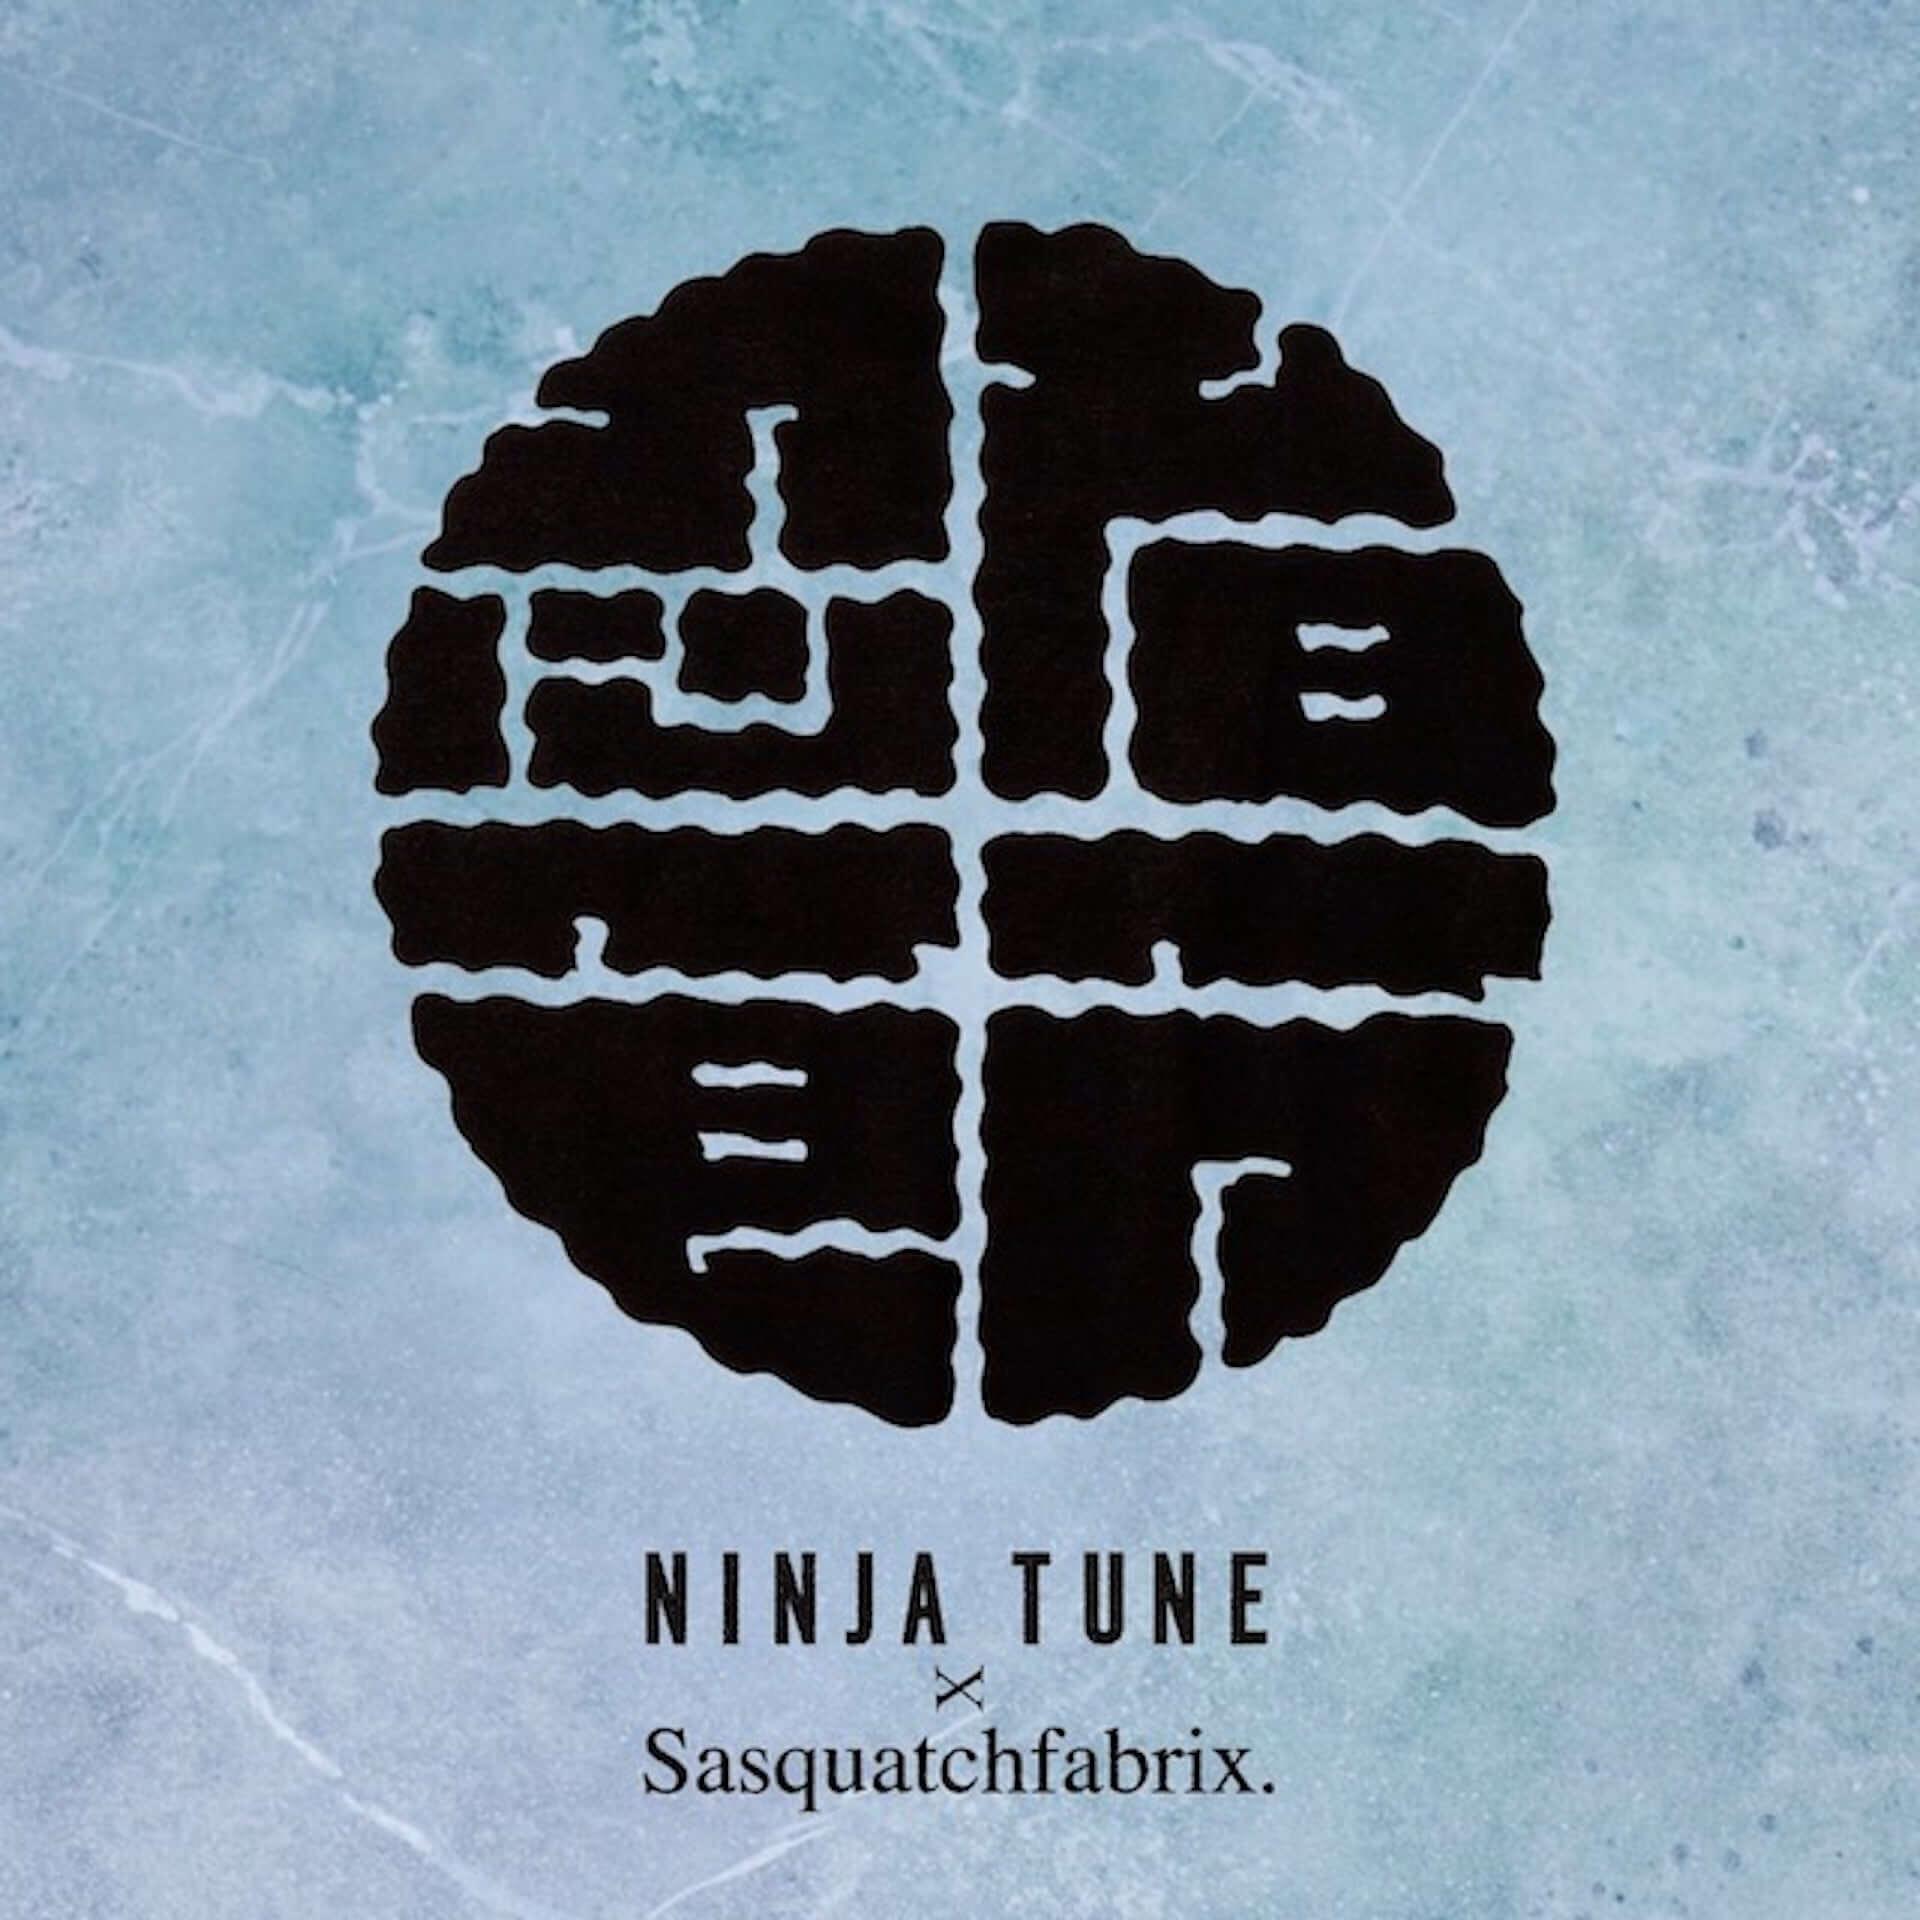 〈Ninja Tune〉30周年記念!Sasquatchfabrix.によるカプセルコレクション「NINJA BUSHI」が発売 music210329_ninjatune_5-1920x1920